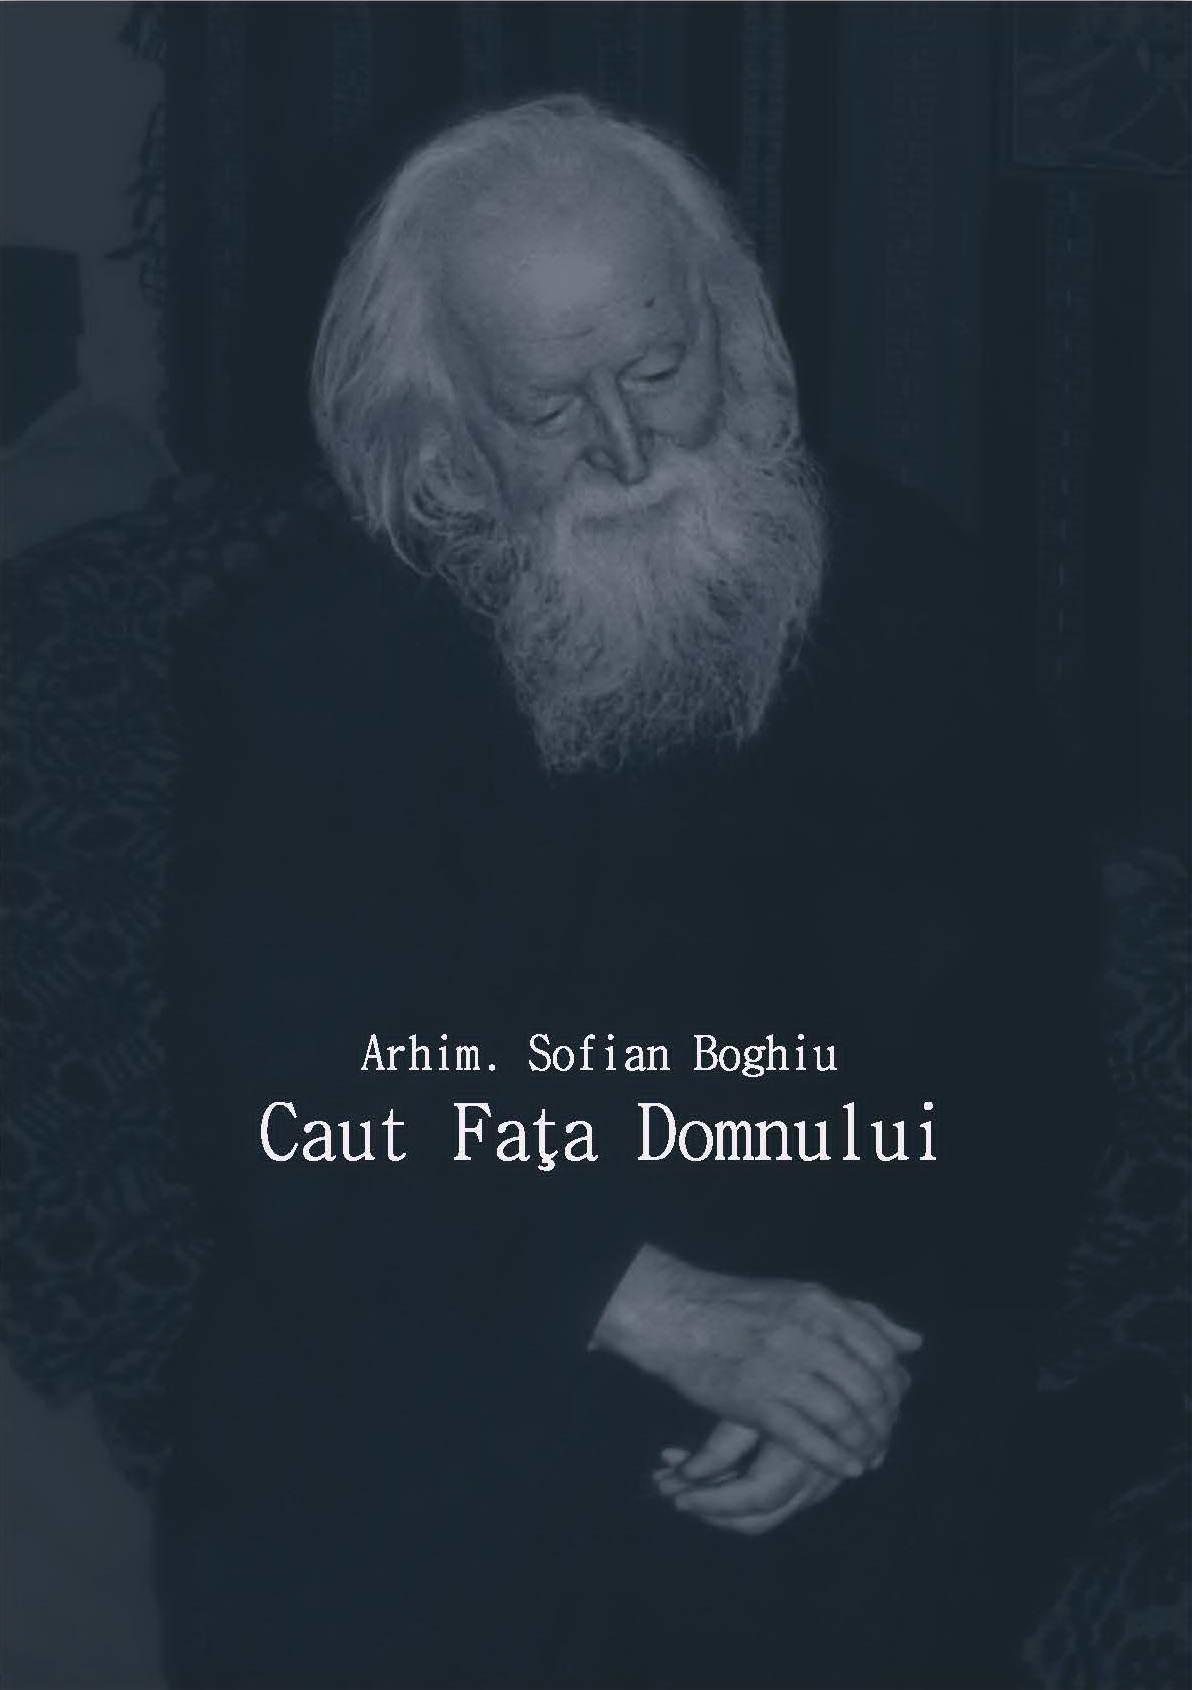 Caut Fata Domnului - Arhim. Sofian Boghiu